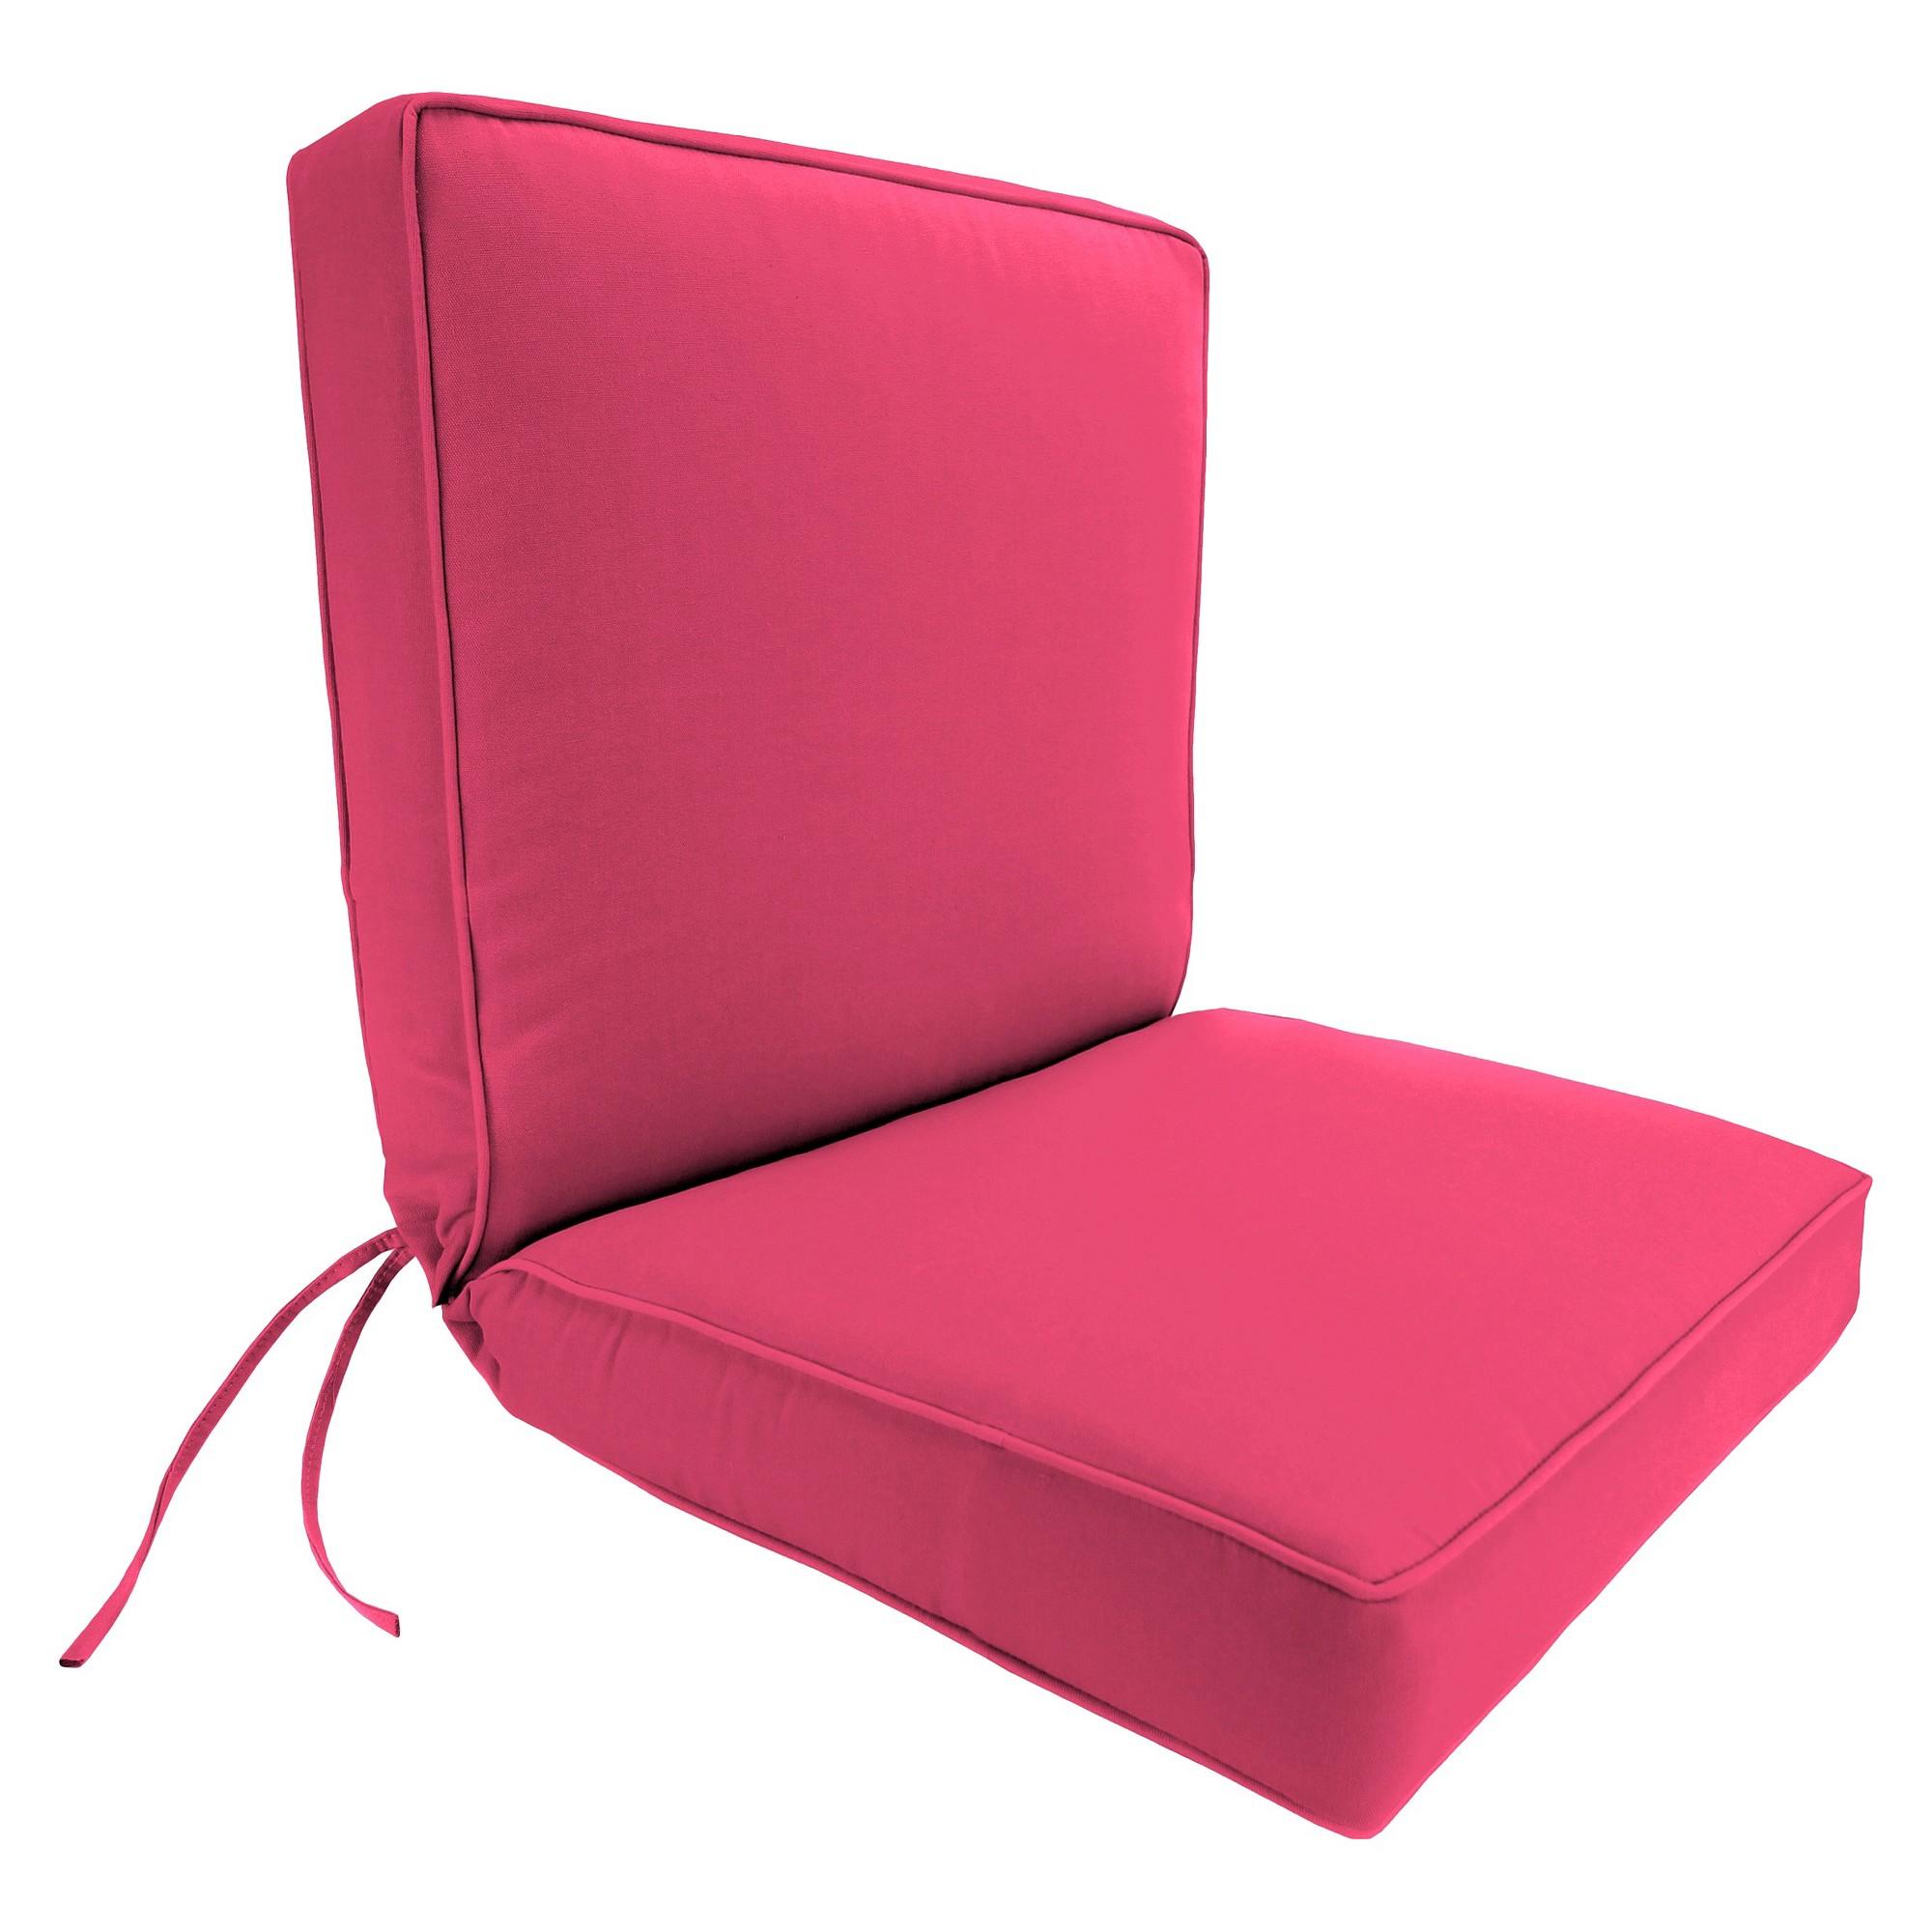 Jordan Boxed Edge Chair Cushion Hot Pink Dining chair